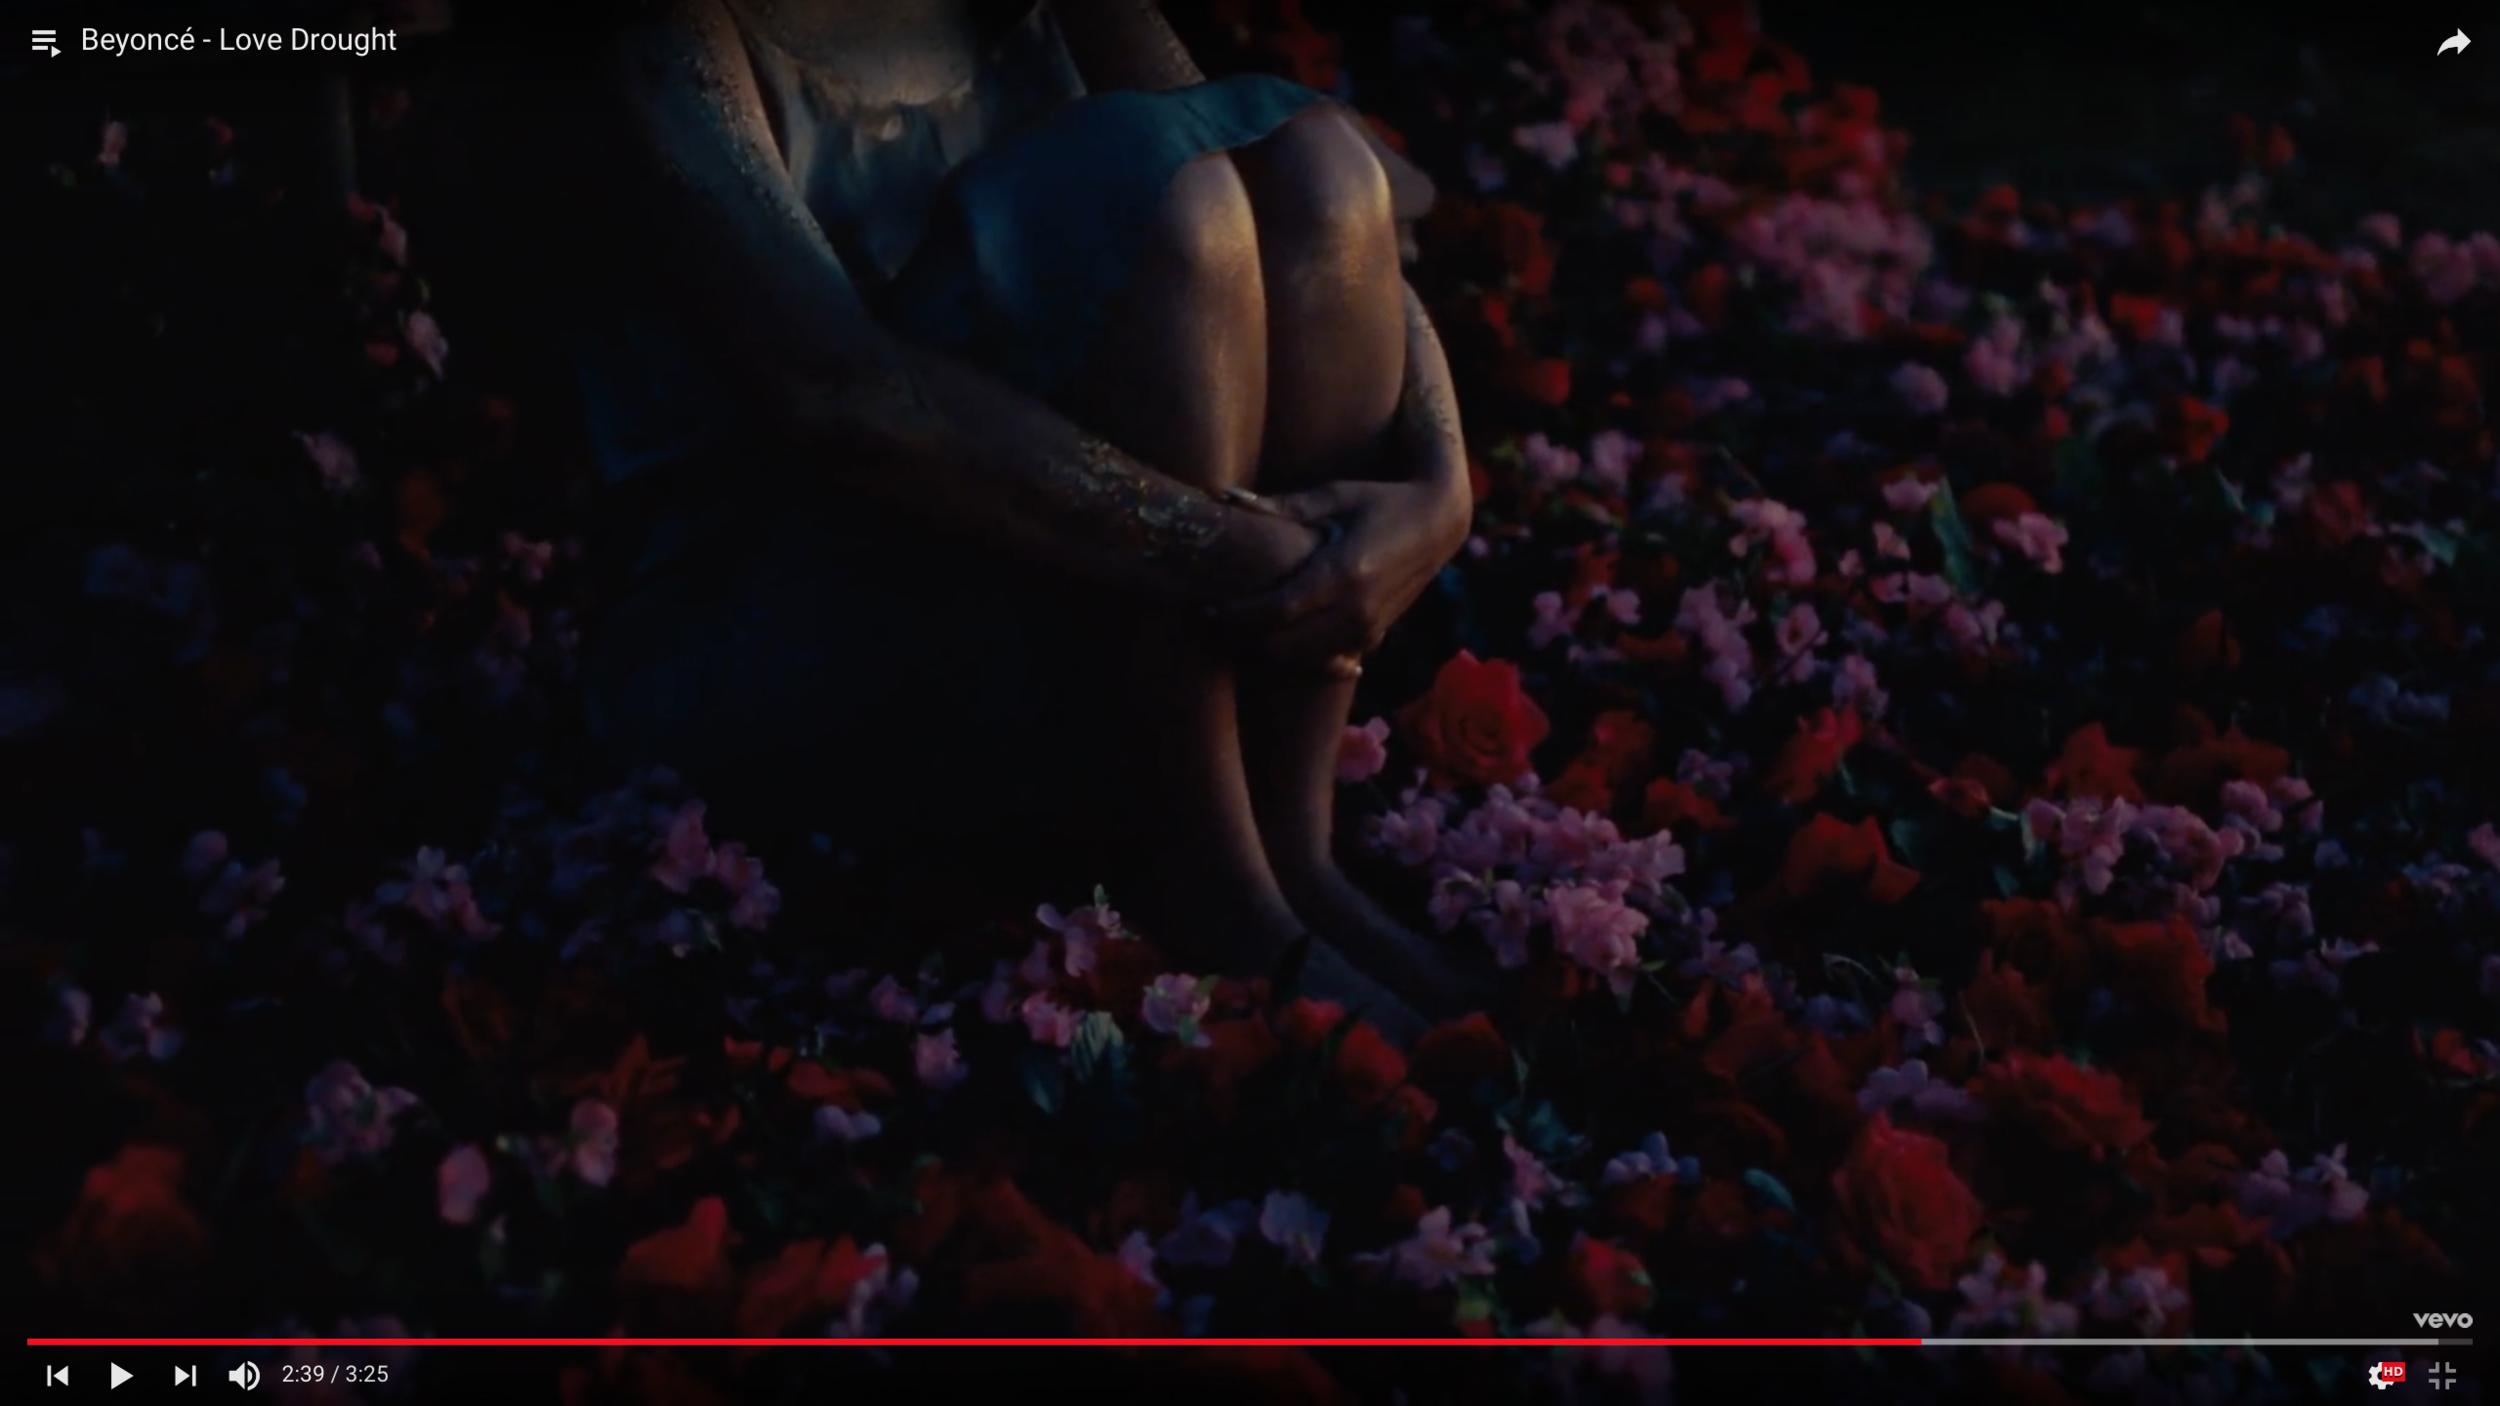 Screen Shot 2018-01-12 at 2.06.29 PM.png